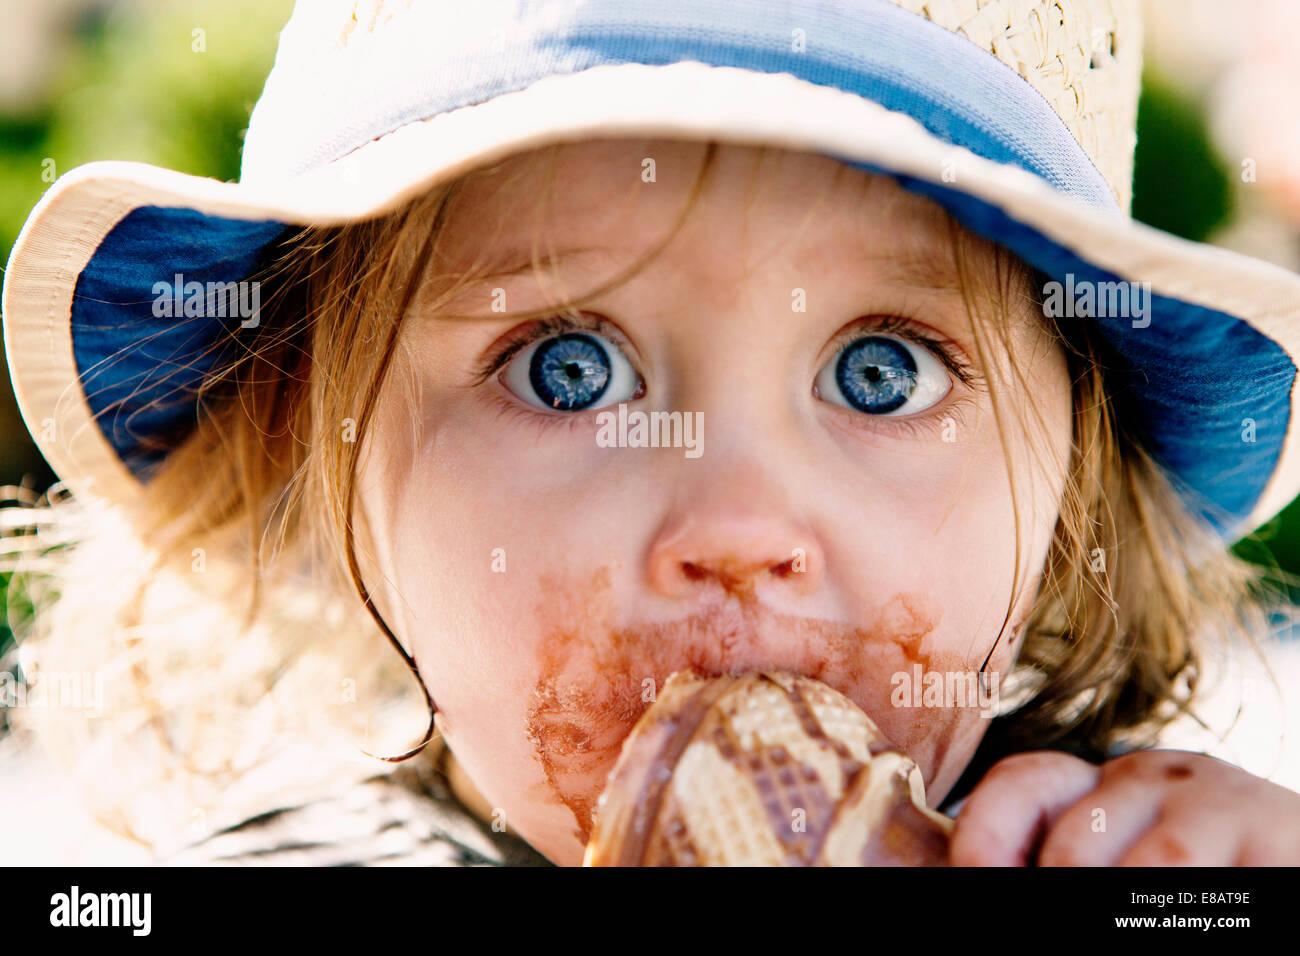 Ragazza giovane mangiare cono gelato Immagini Stock